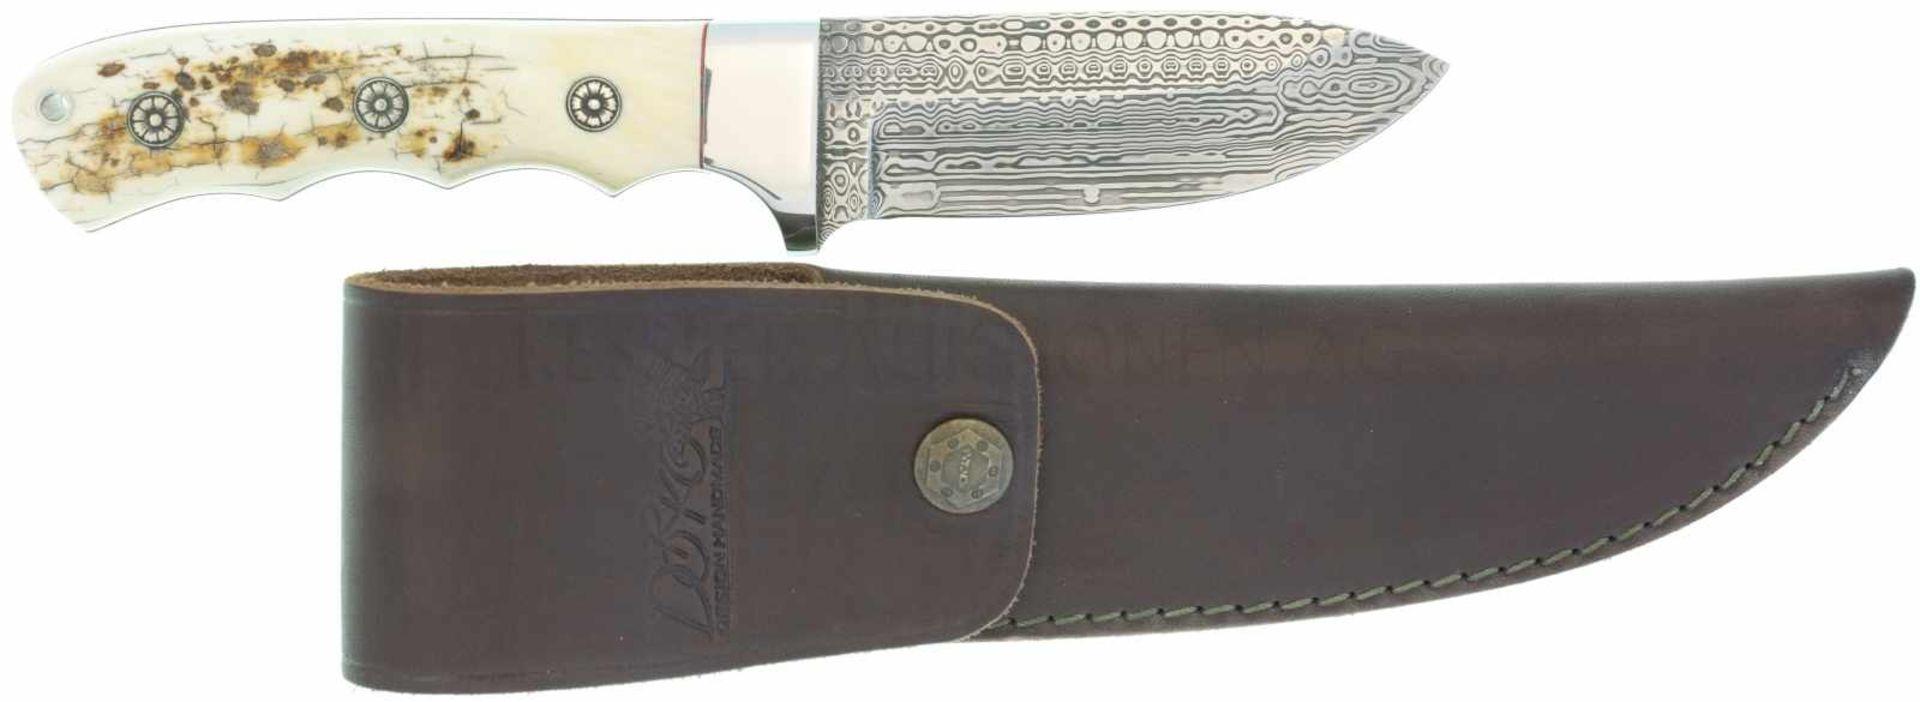 Jagdmesser Dorko Ungarn KL 98mm, TL 218mm, Klinge aus aufwendigem Mosaikdamast, Backen aus